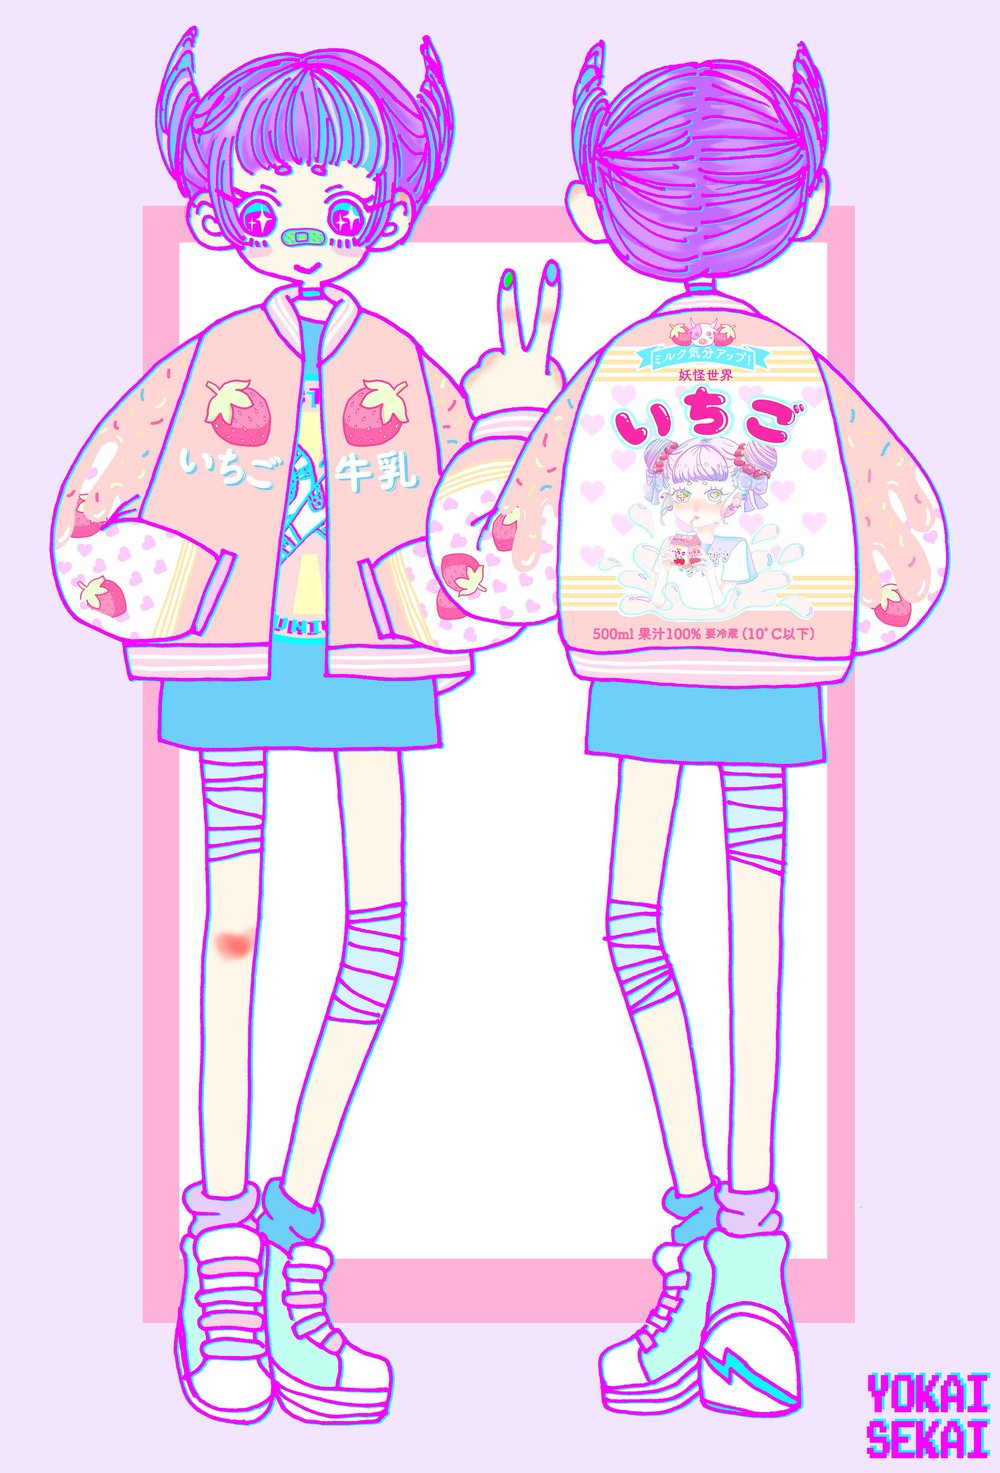 いちご牛乳 - The Strawberry Milk Jacket is a SUPER SWEET & CUTE jacket inspired by strawberry milk, the super cute and yummy drink that is seen in anime, manga, and Japanese convenience stores!!! *:・゚✧*:・゚✧